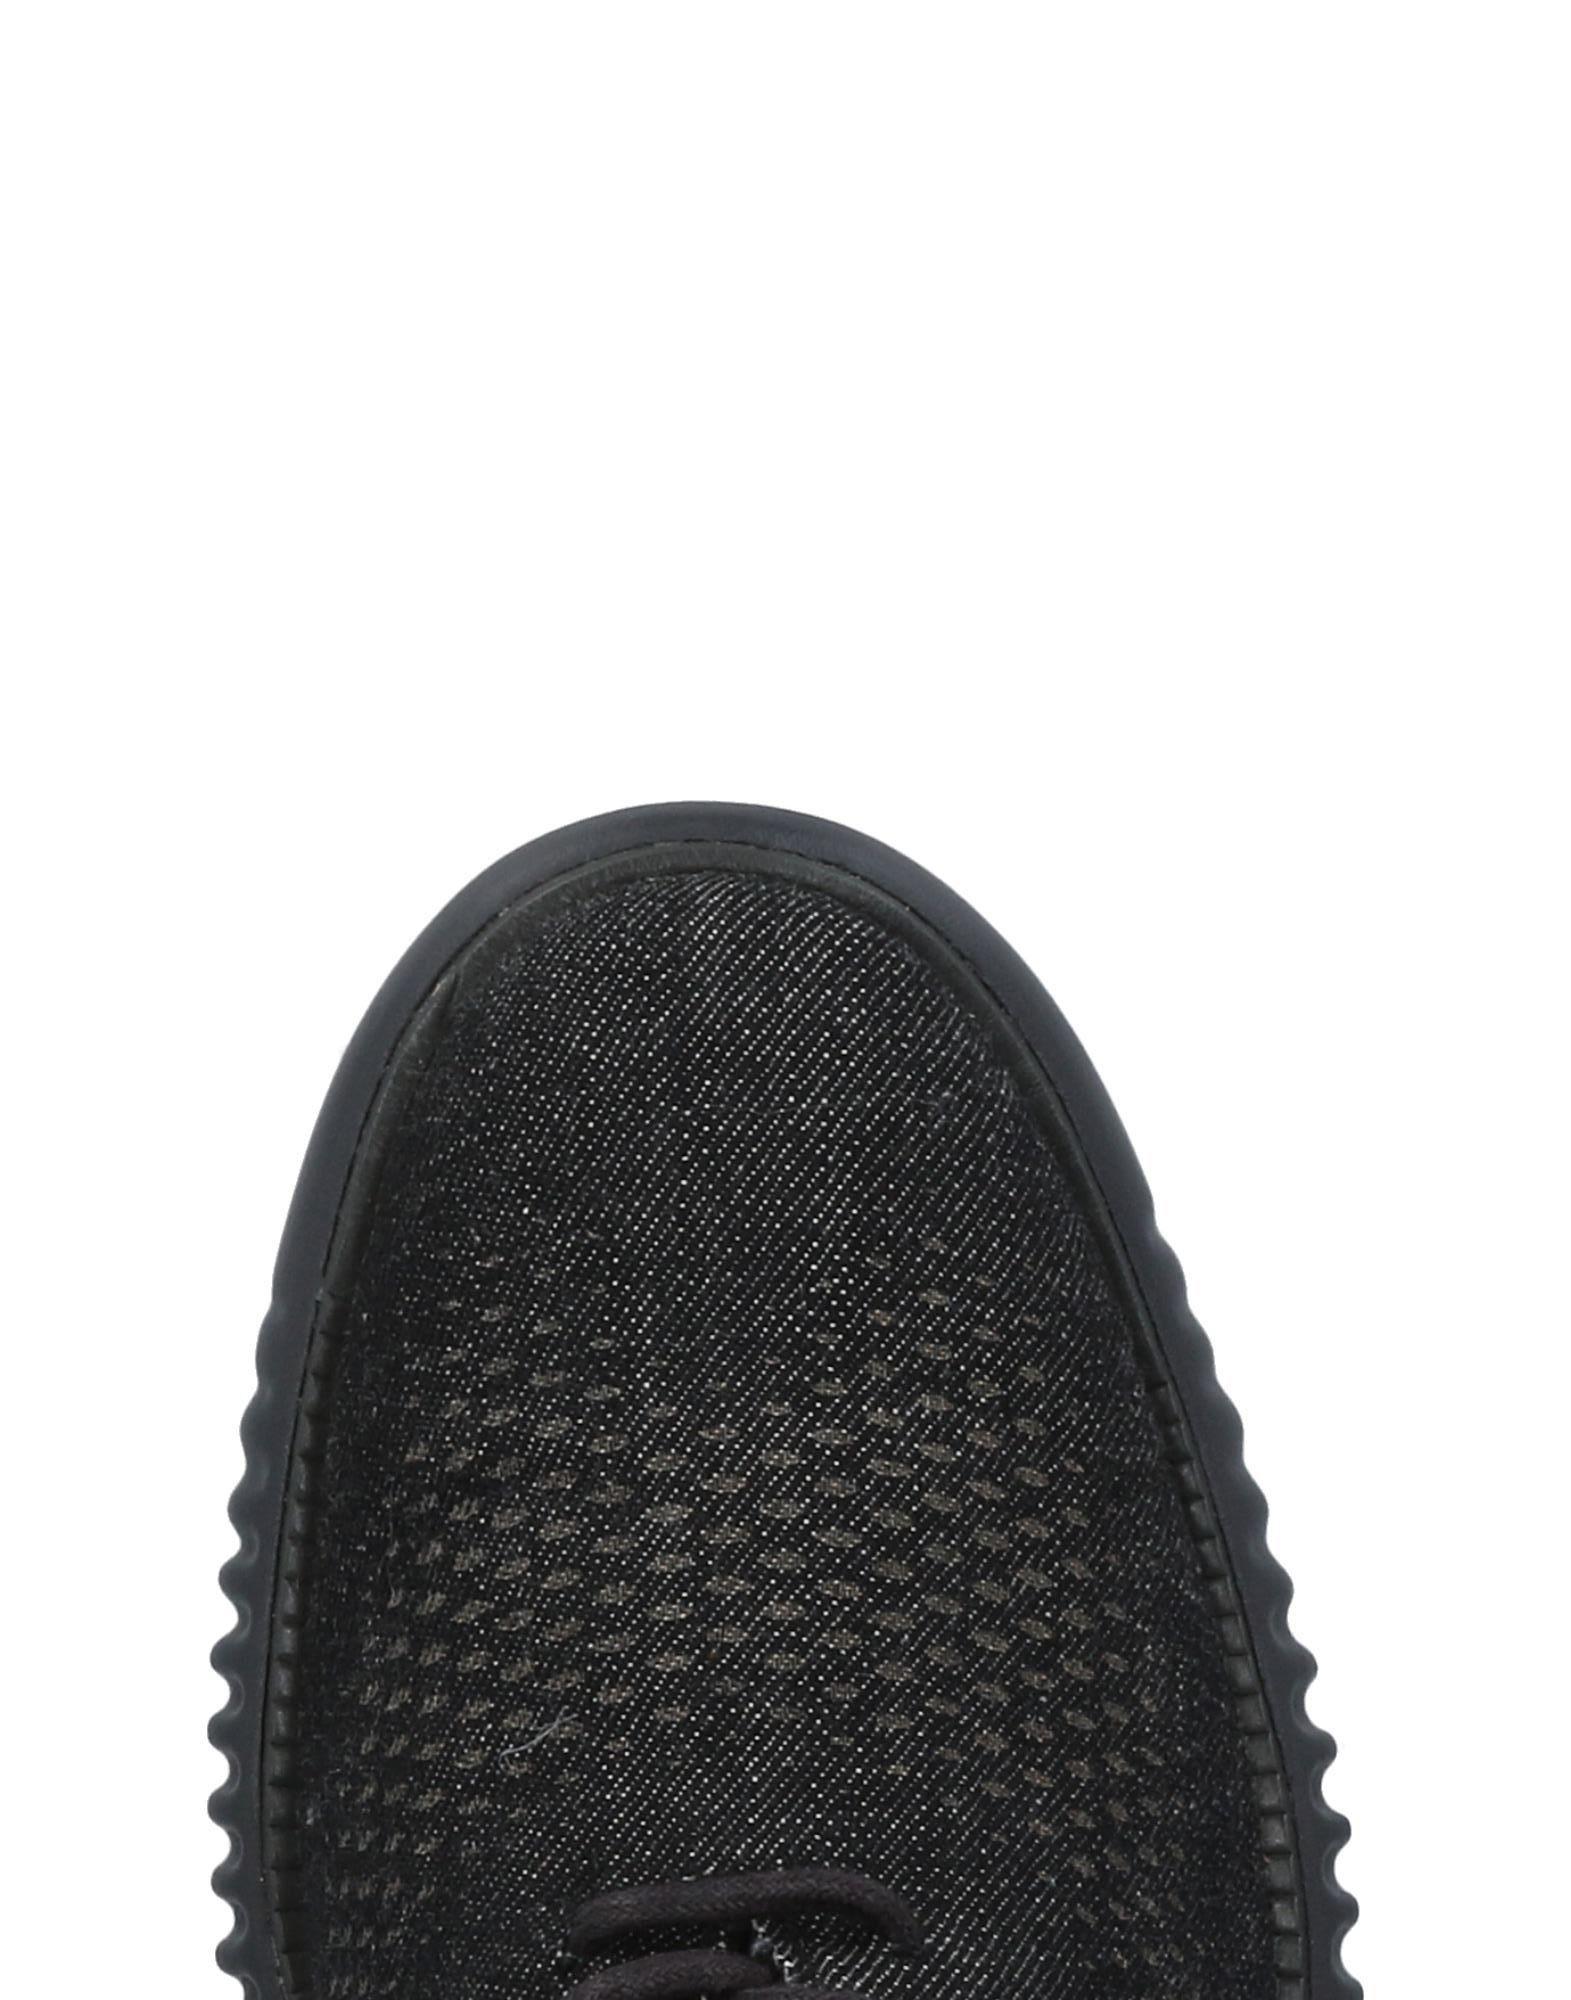 Rabatt echte Schuhe Cole Haan Sneakers Herren  11442778HD 11442778HD 11442778HD c3eb25